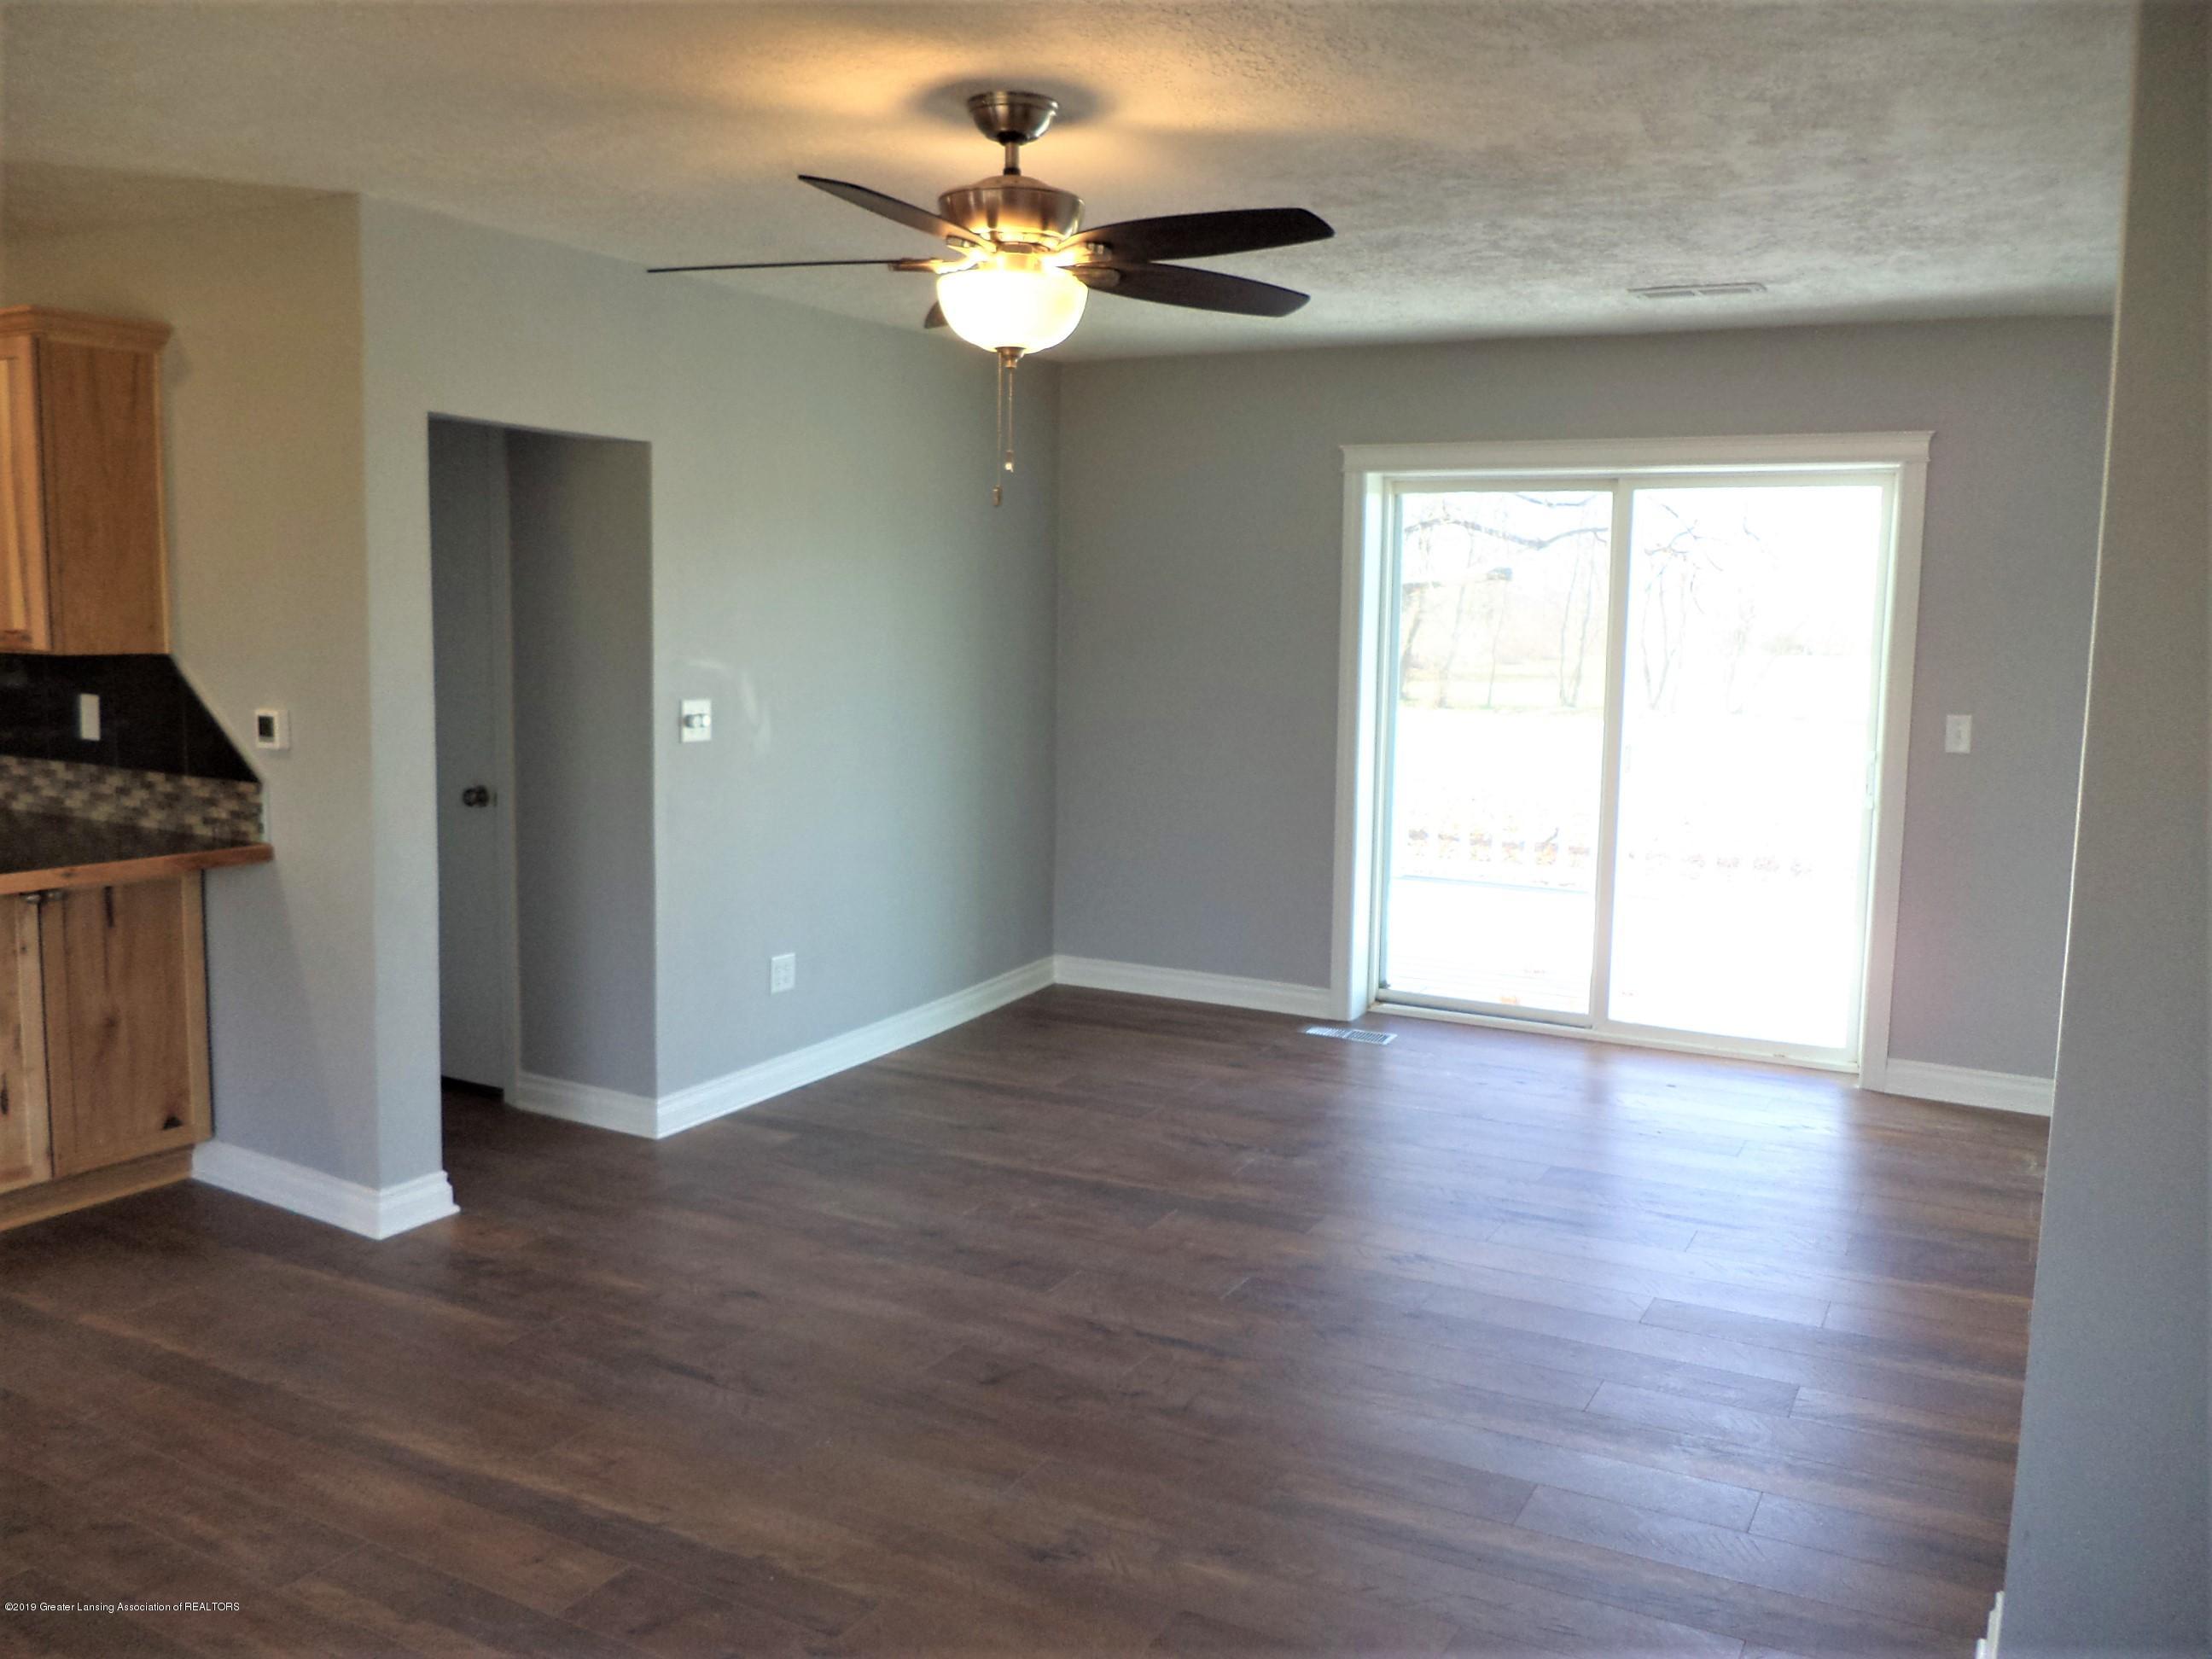 3200 S Dewitt Rd - Living room 1 - 10